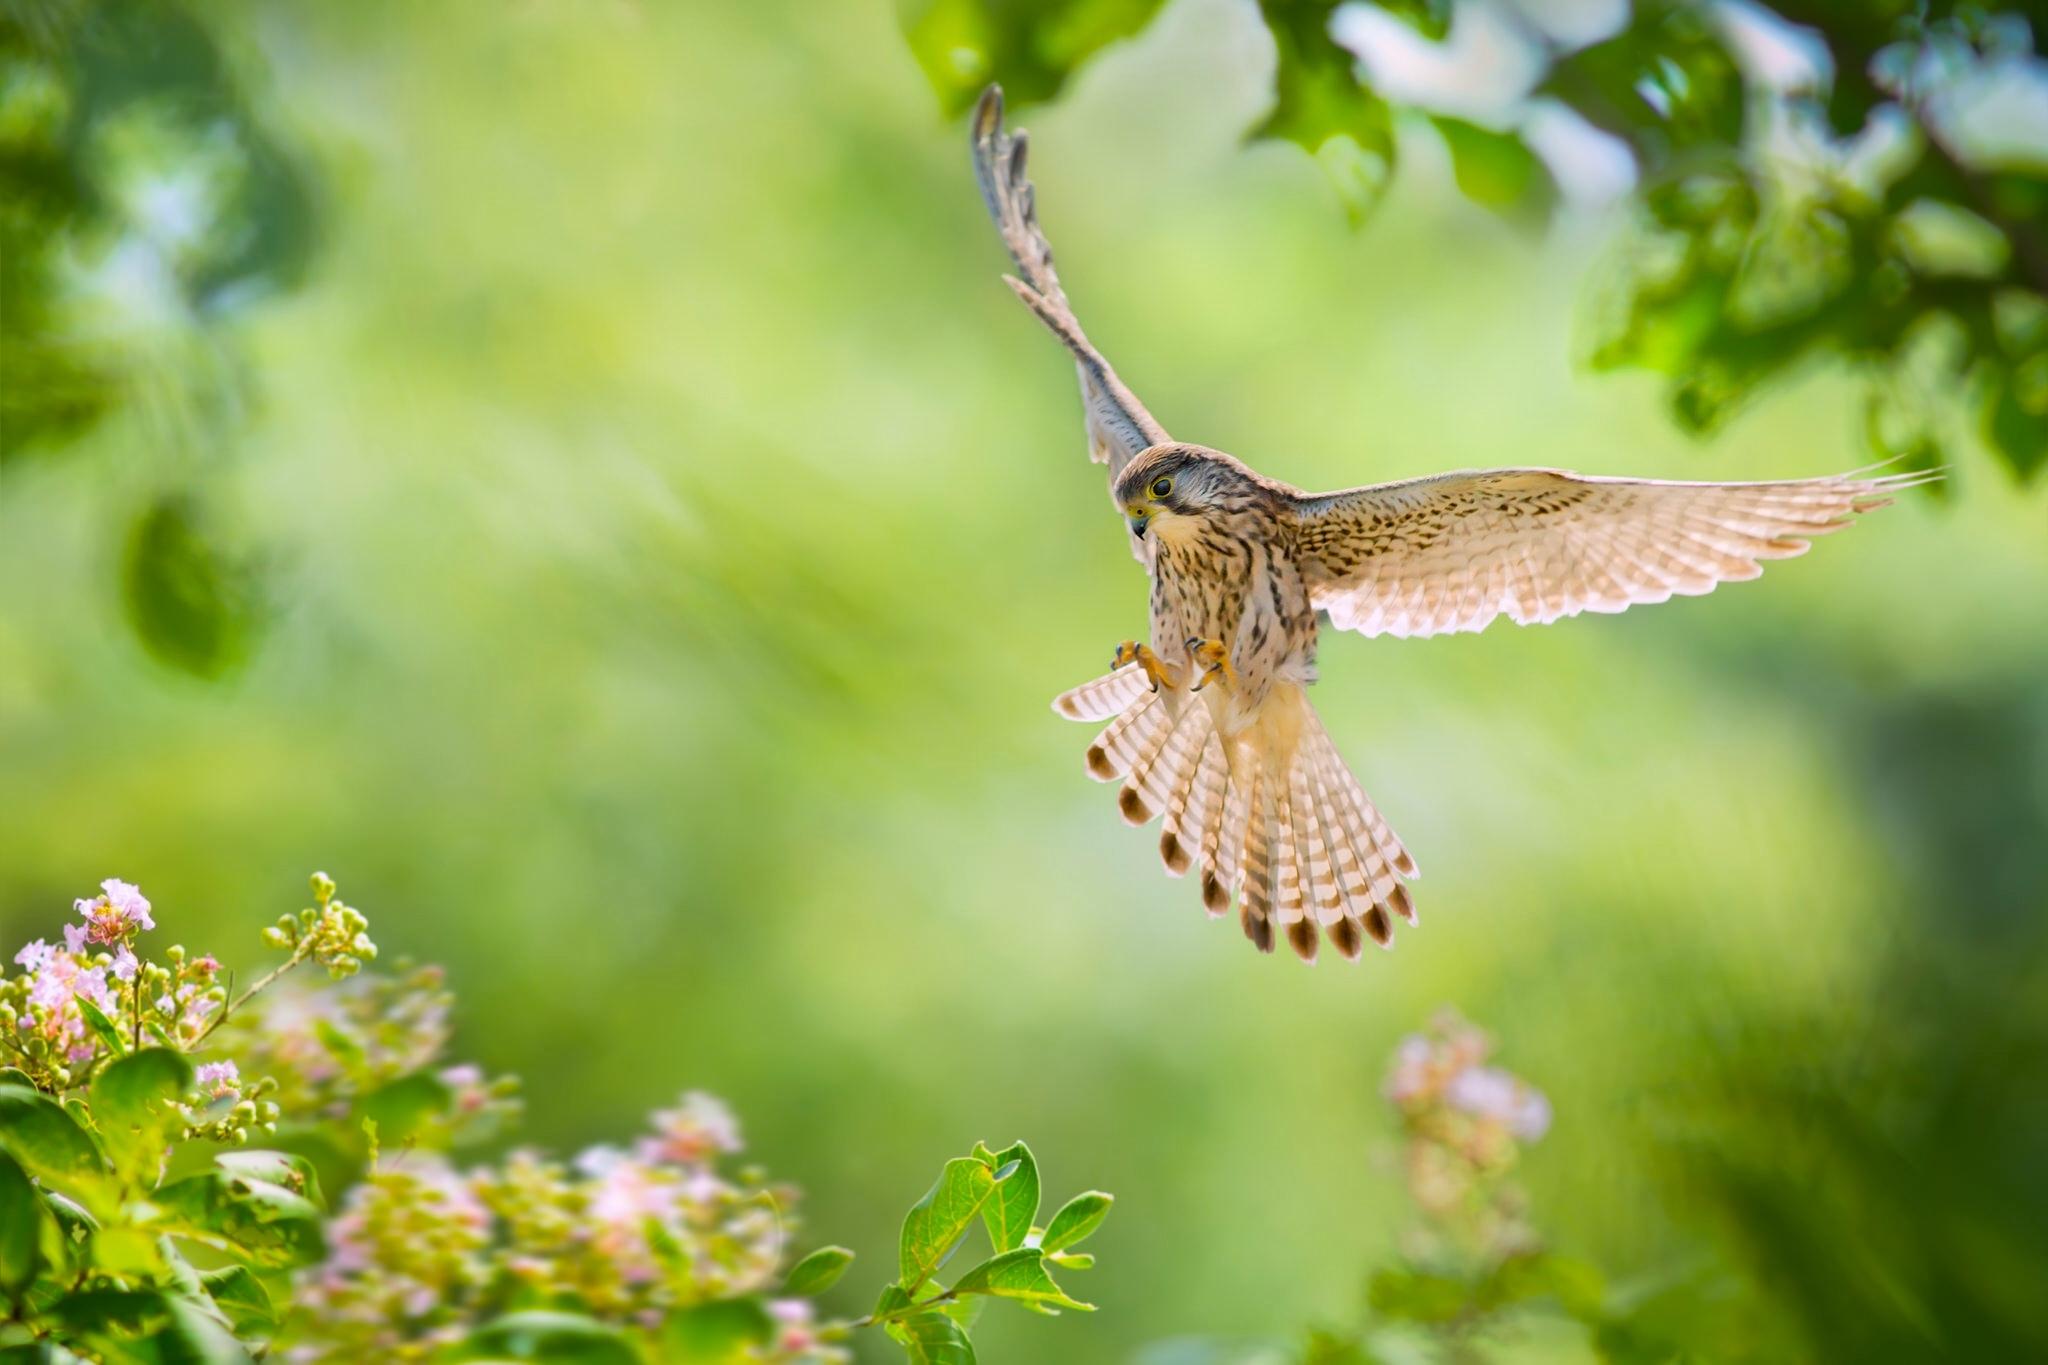 природа животные птица сокол nature animals bird Falcon  № 2993133 загрузить